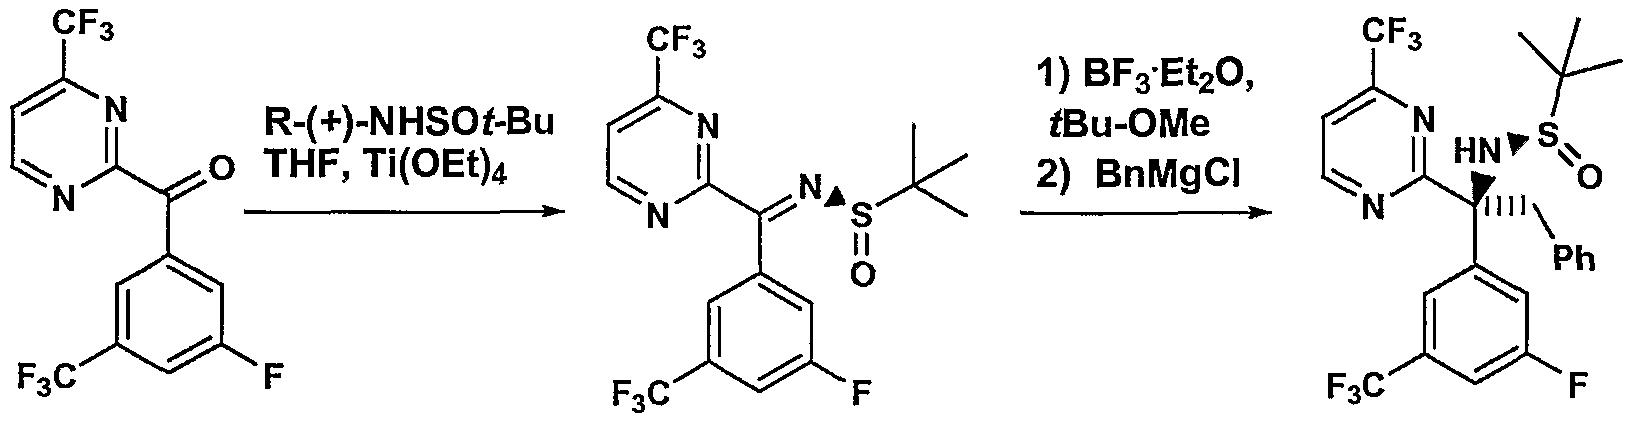 Figure imgf000521_0004